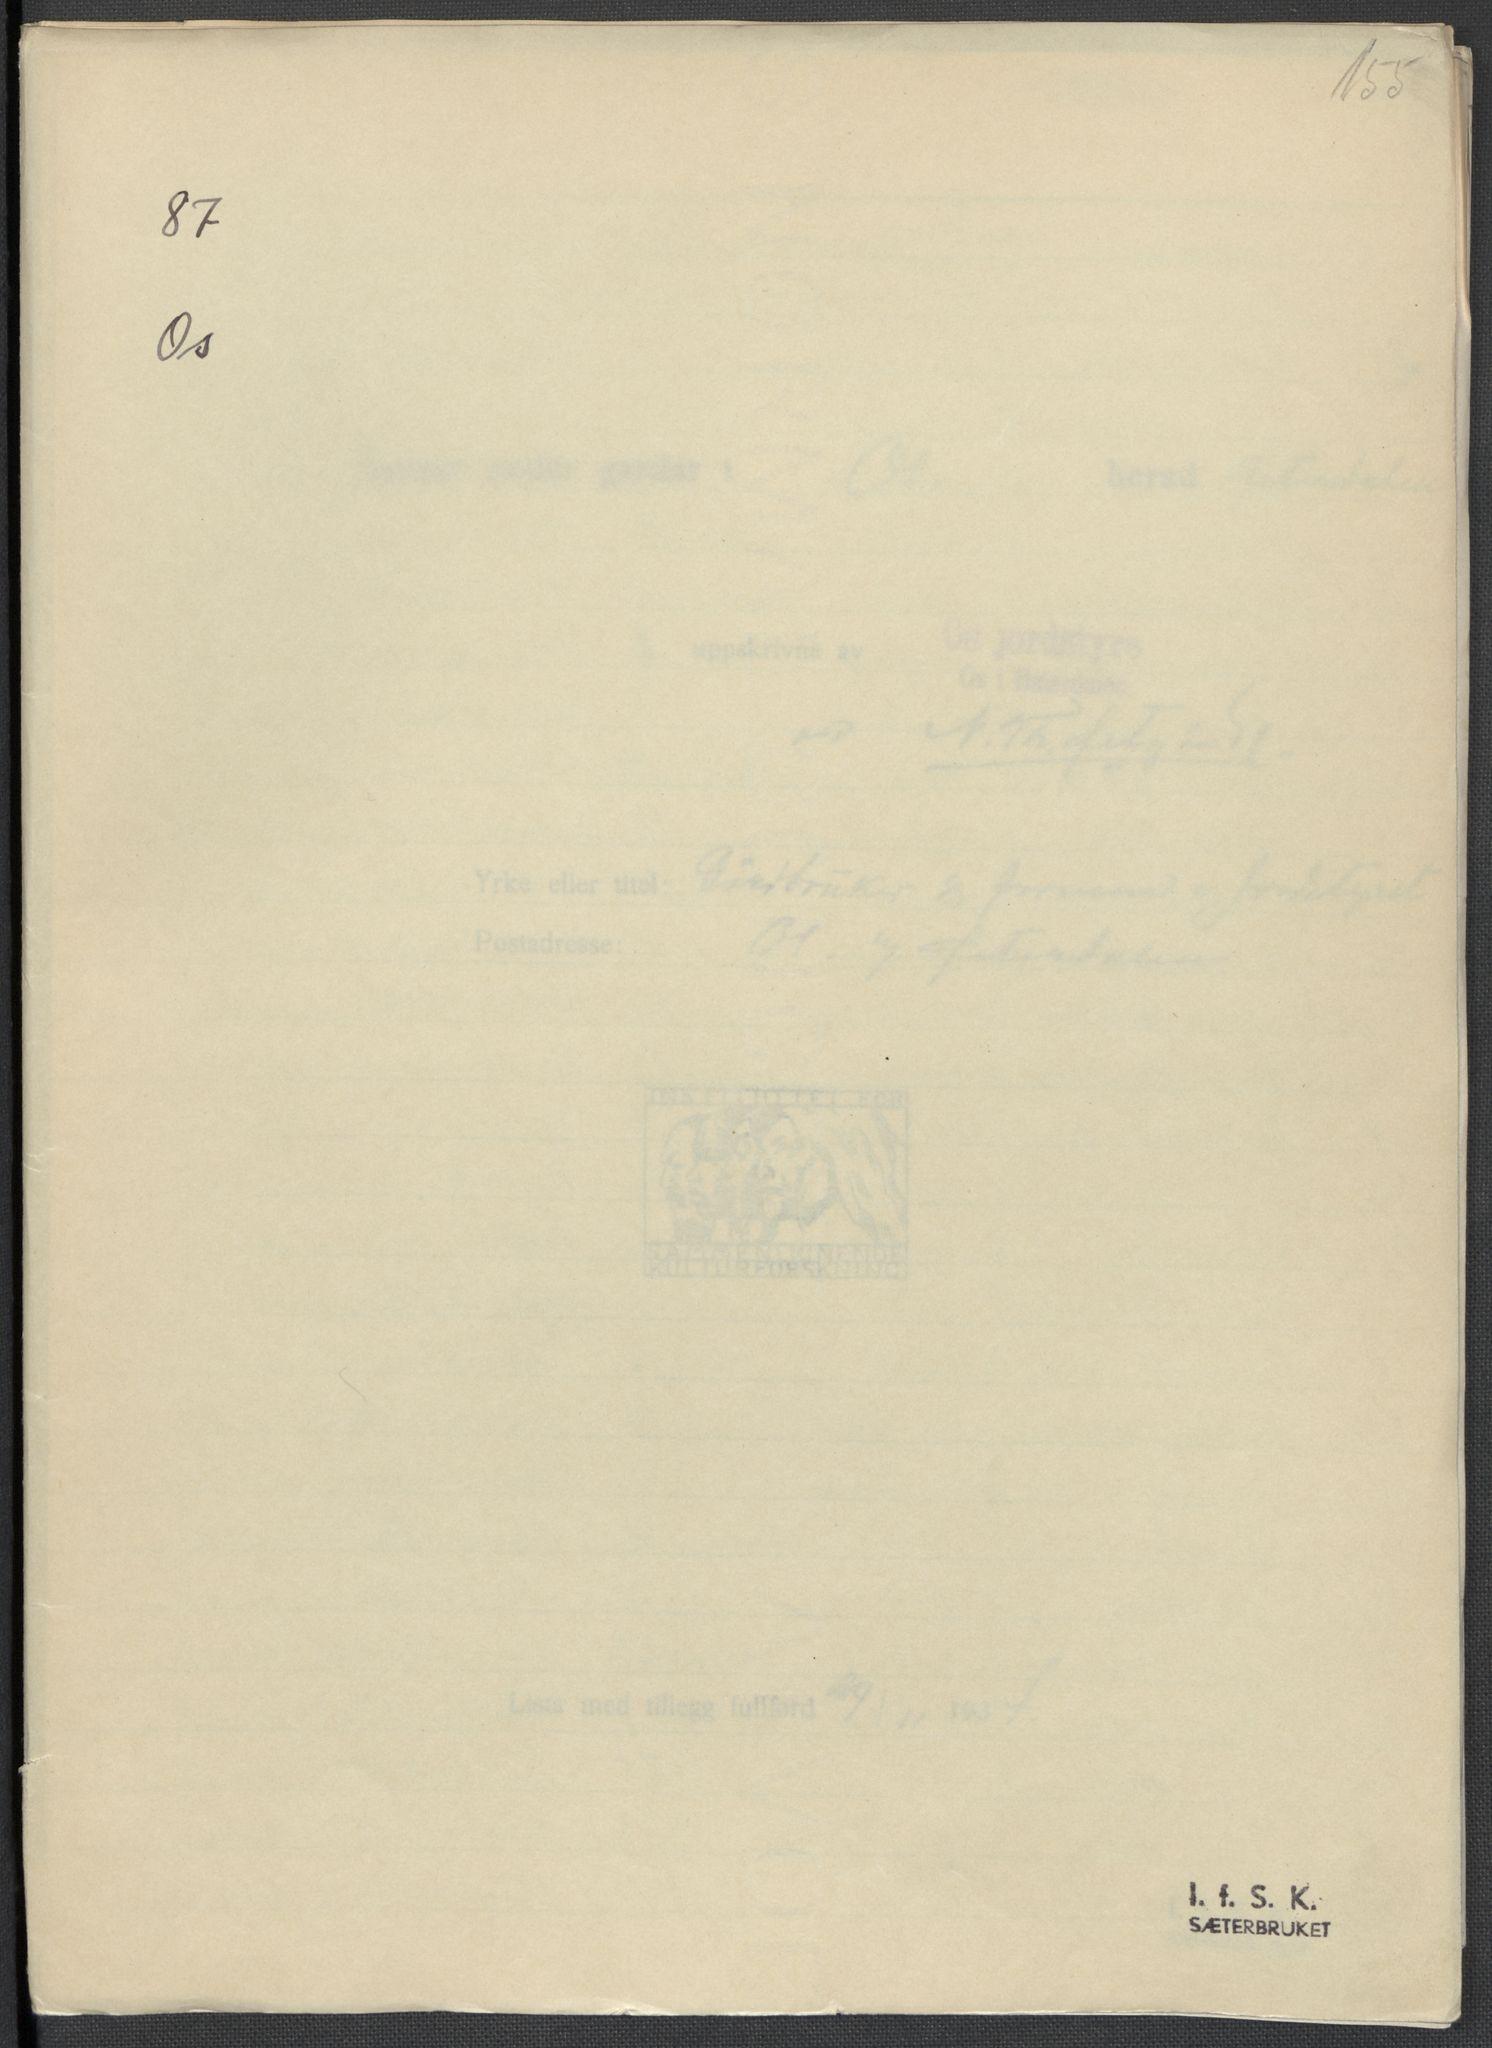 RA, Instituttet for sammenlignende kulturforskning, F/Fc/L0003: Eske B3:, 1933-1939, s. 155